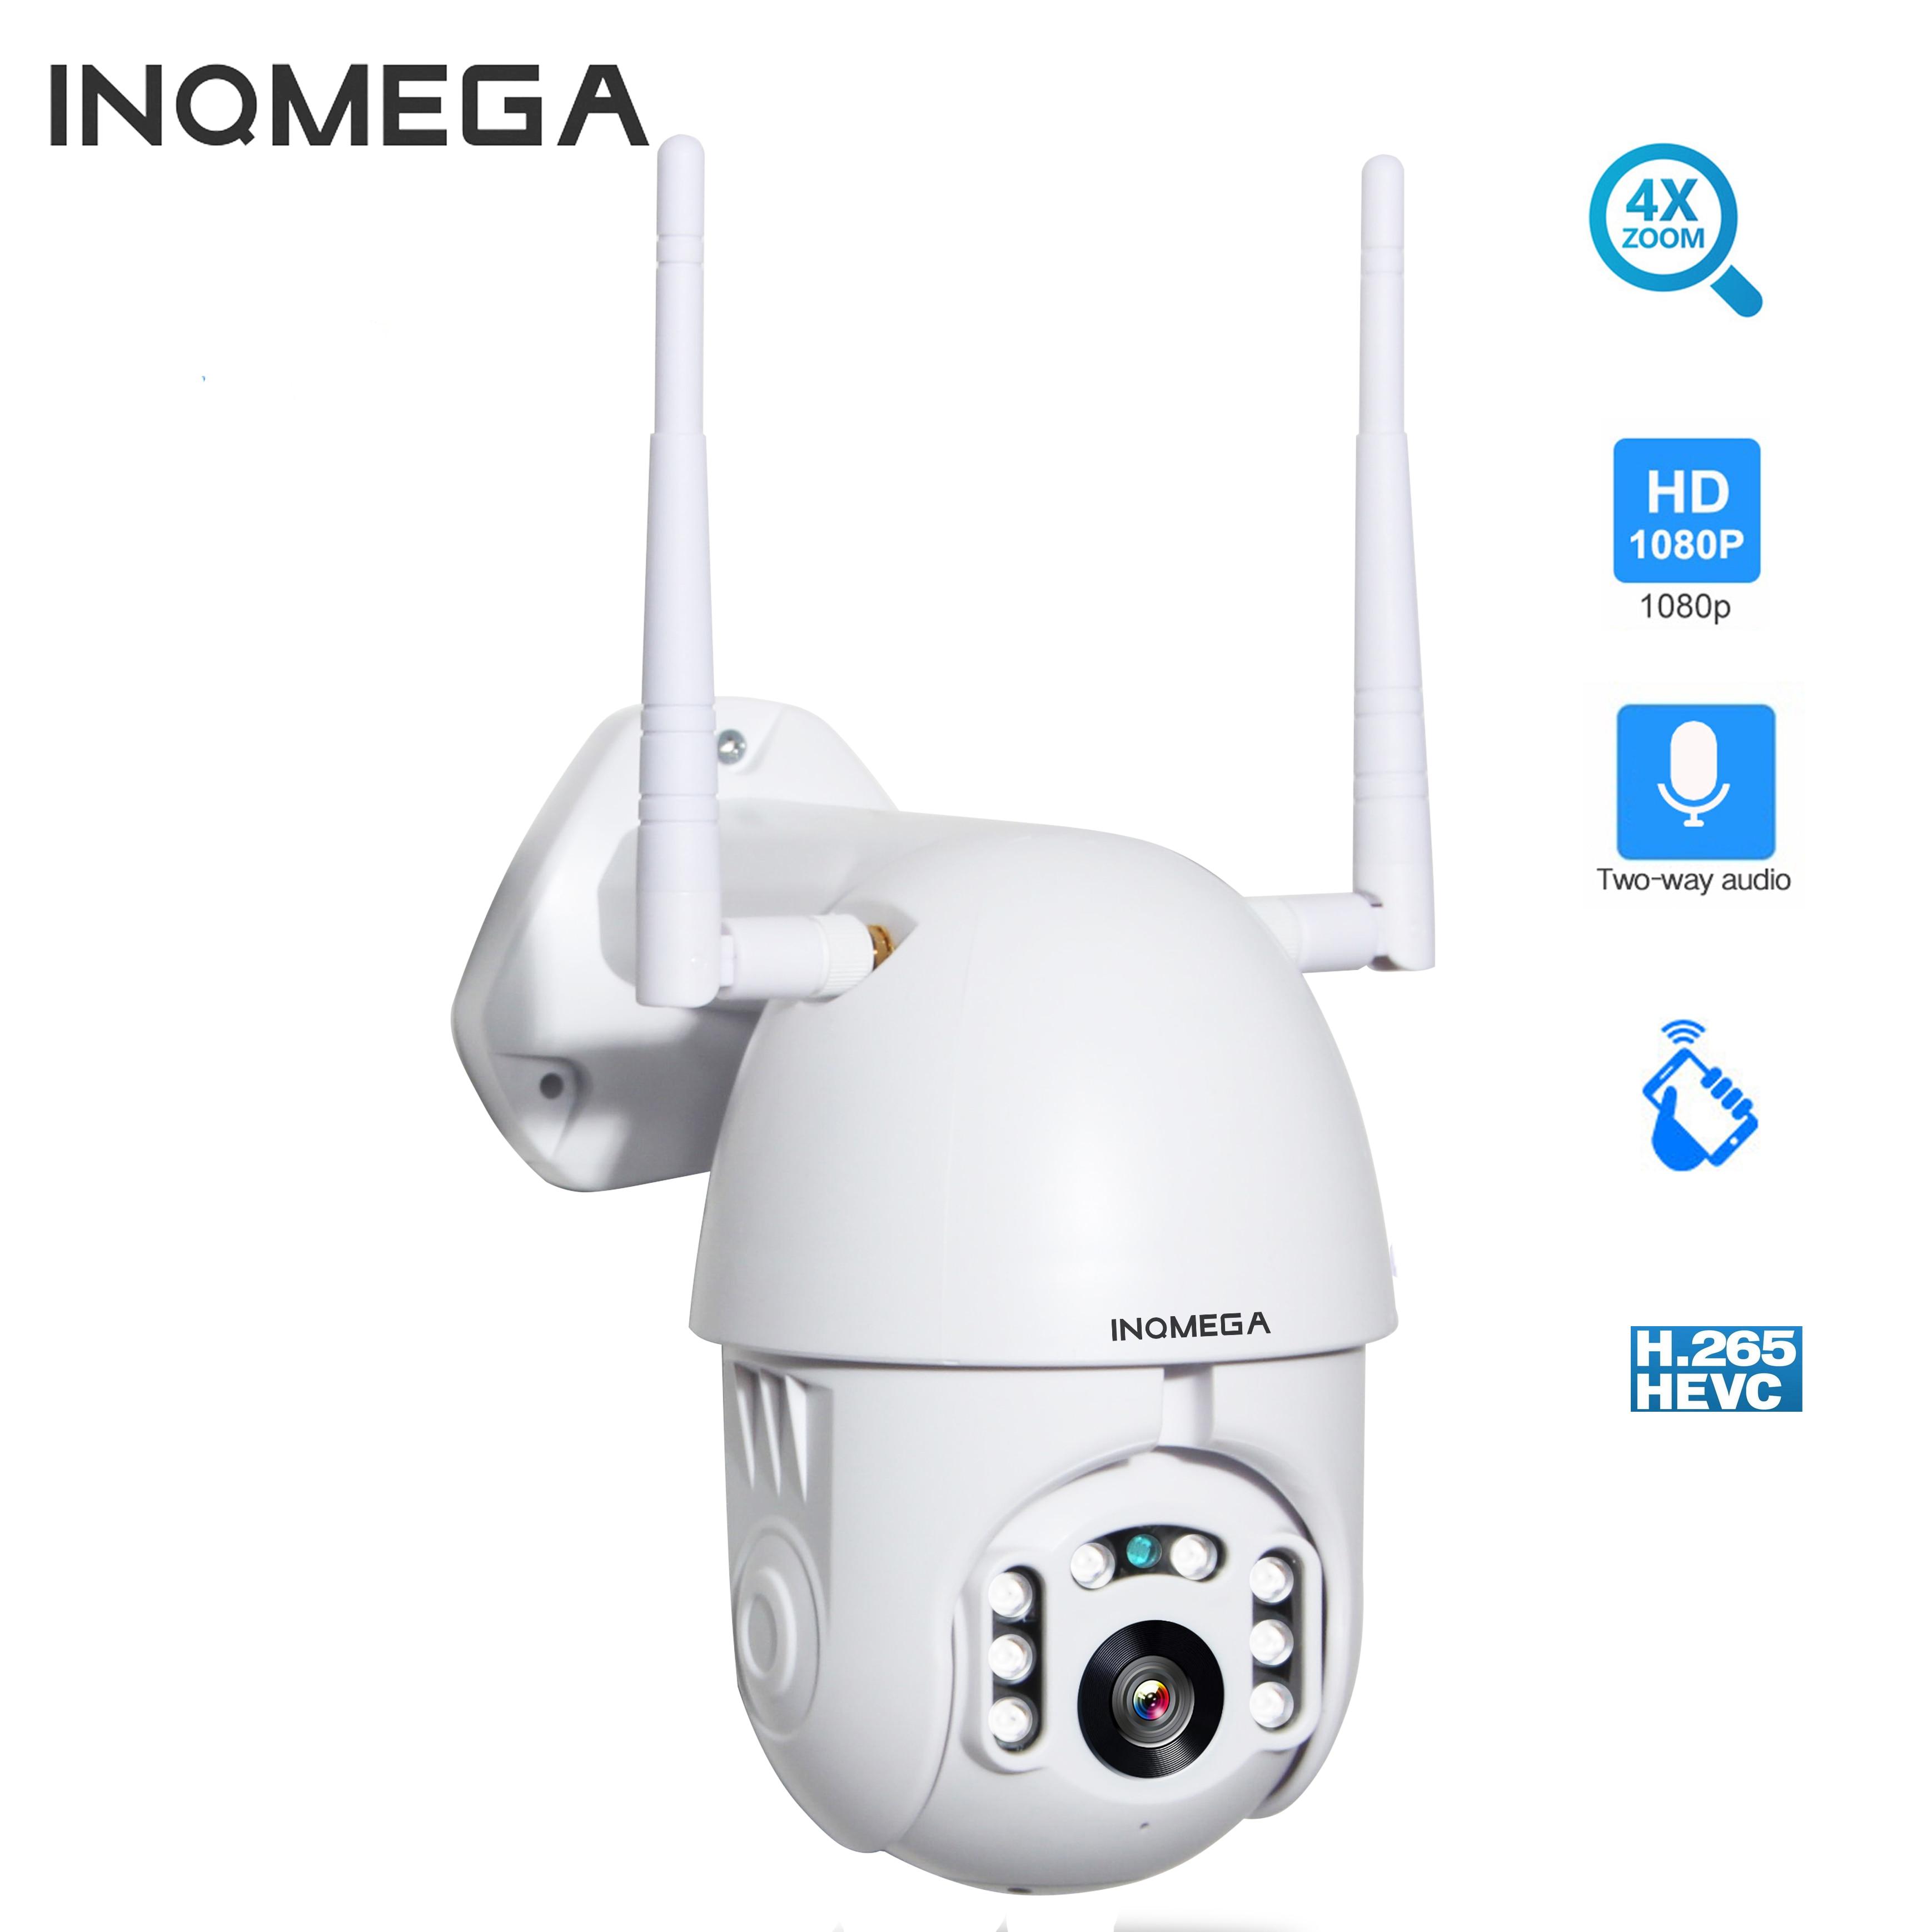 INQMEGA 4X Zoom numérique H.265X 1080p PTZ caméra IP dôme de vitesse extérieur CCTV caméras de sécurité WIFI extérieur IR maison surveillance